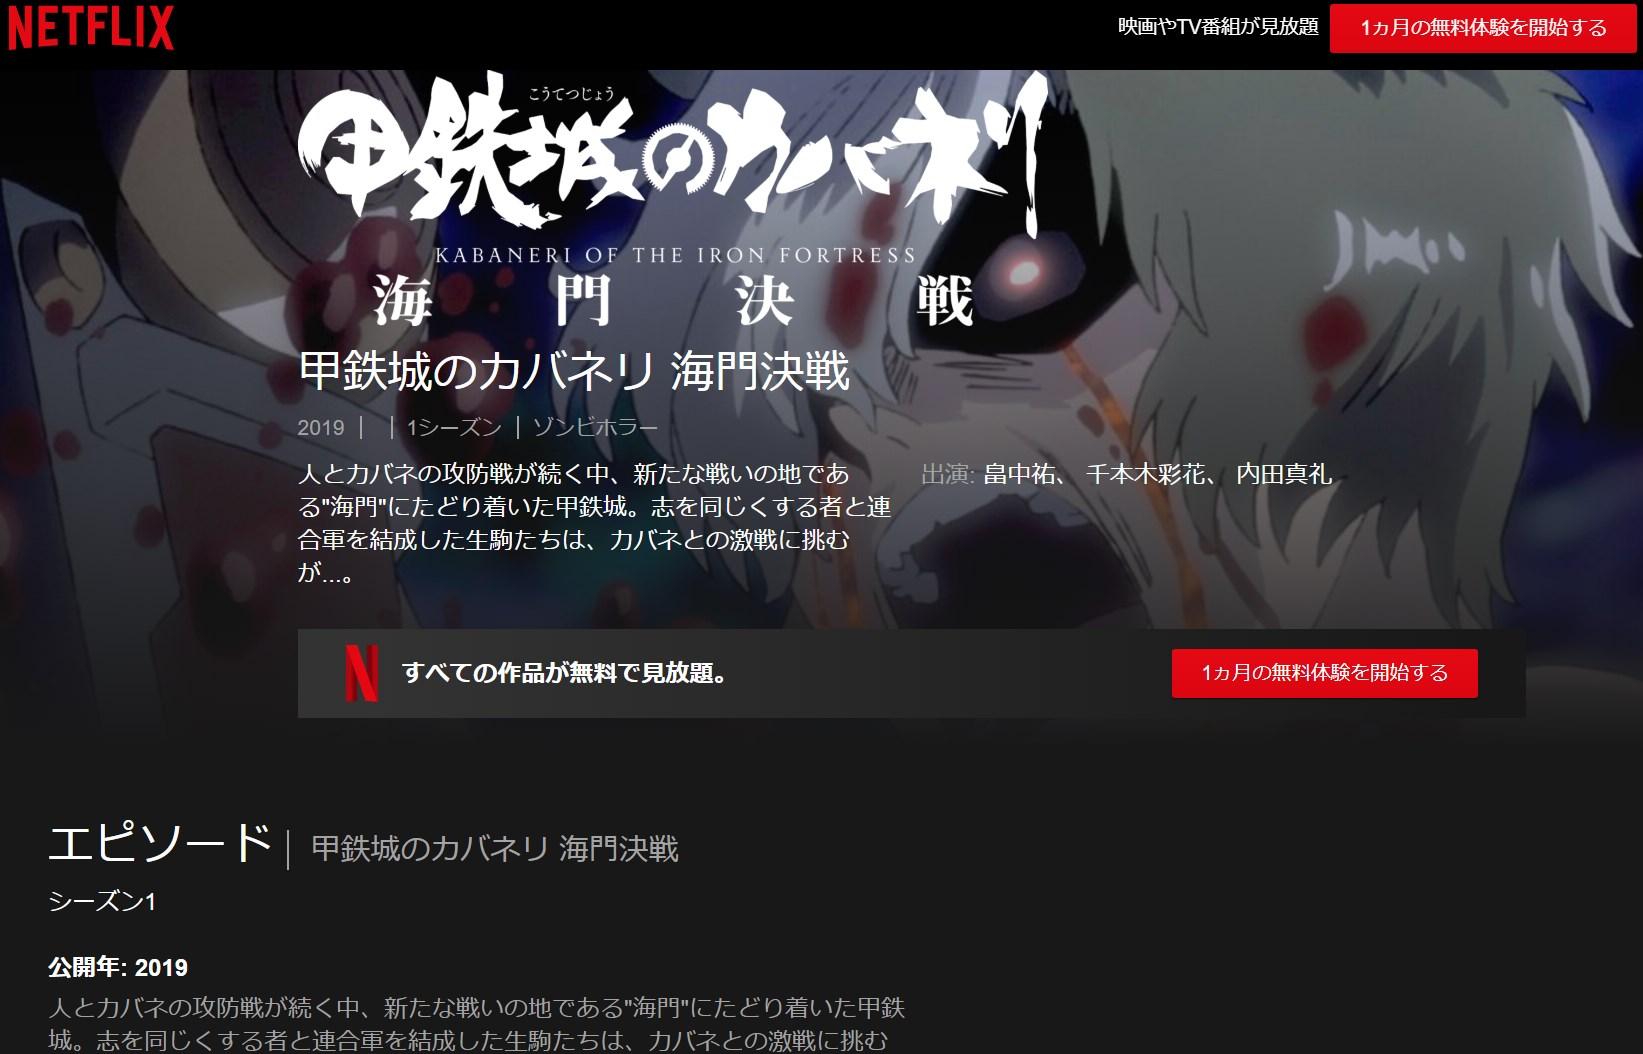 映画劇場版「甲鉄城のカバネリ 海門決戦」高画質の動画配信サービスNetflix